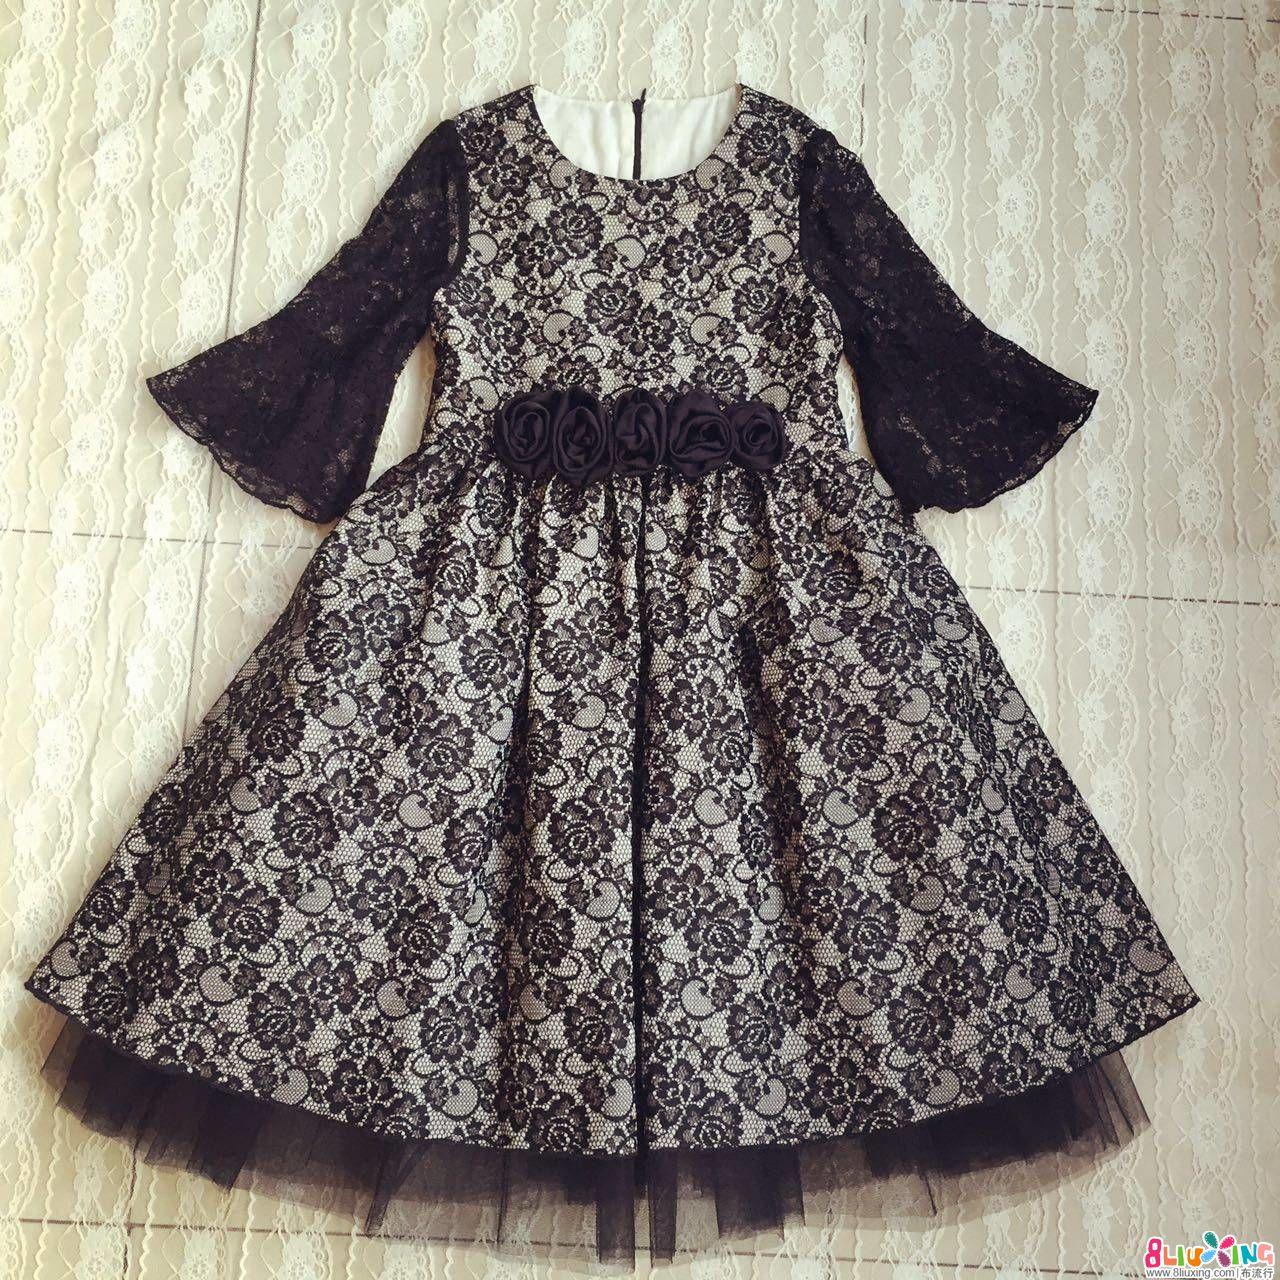 蕾丝礼服裙制作步骤和图纸